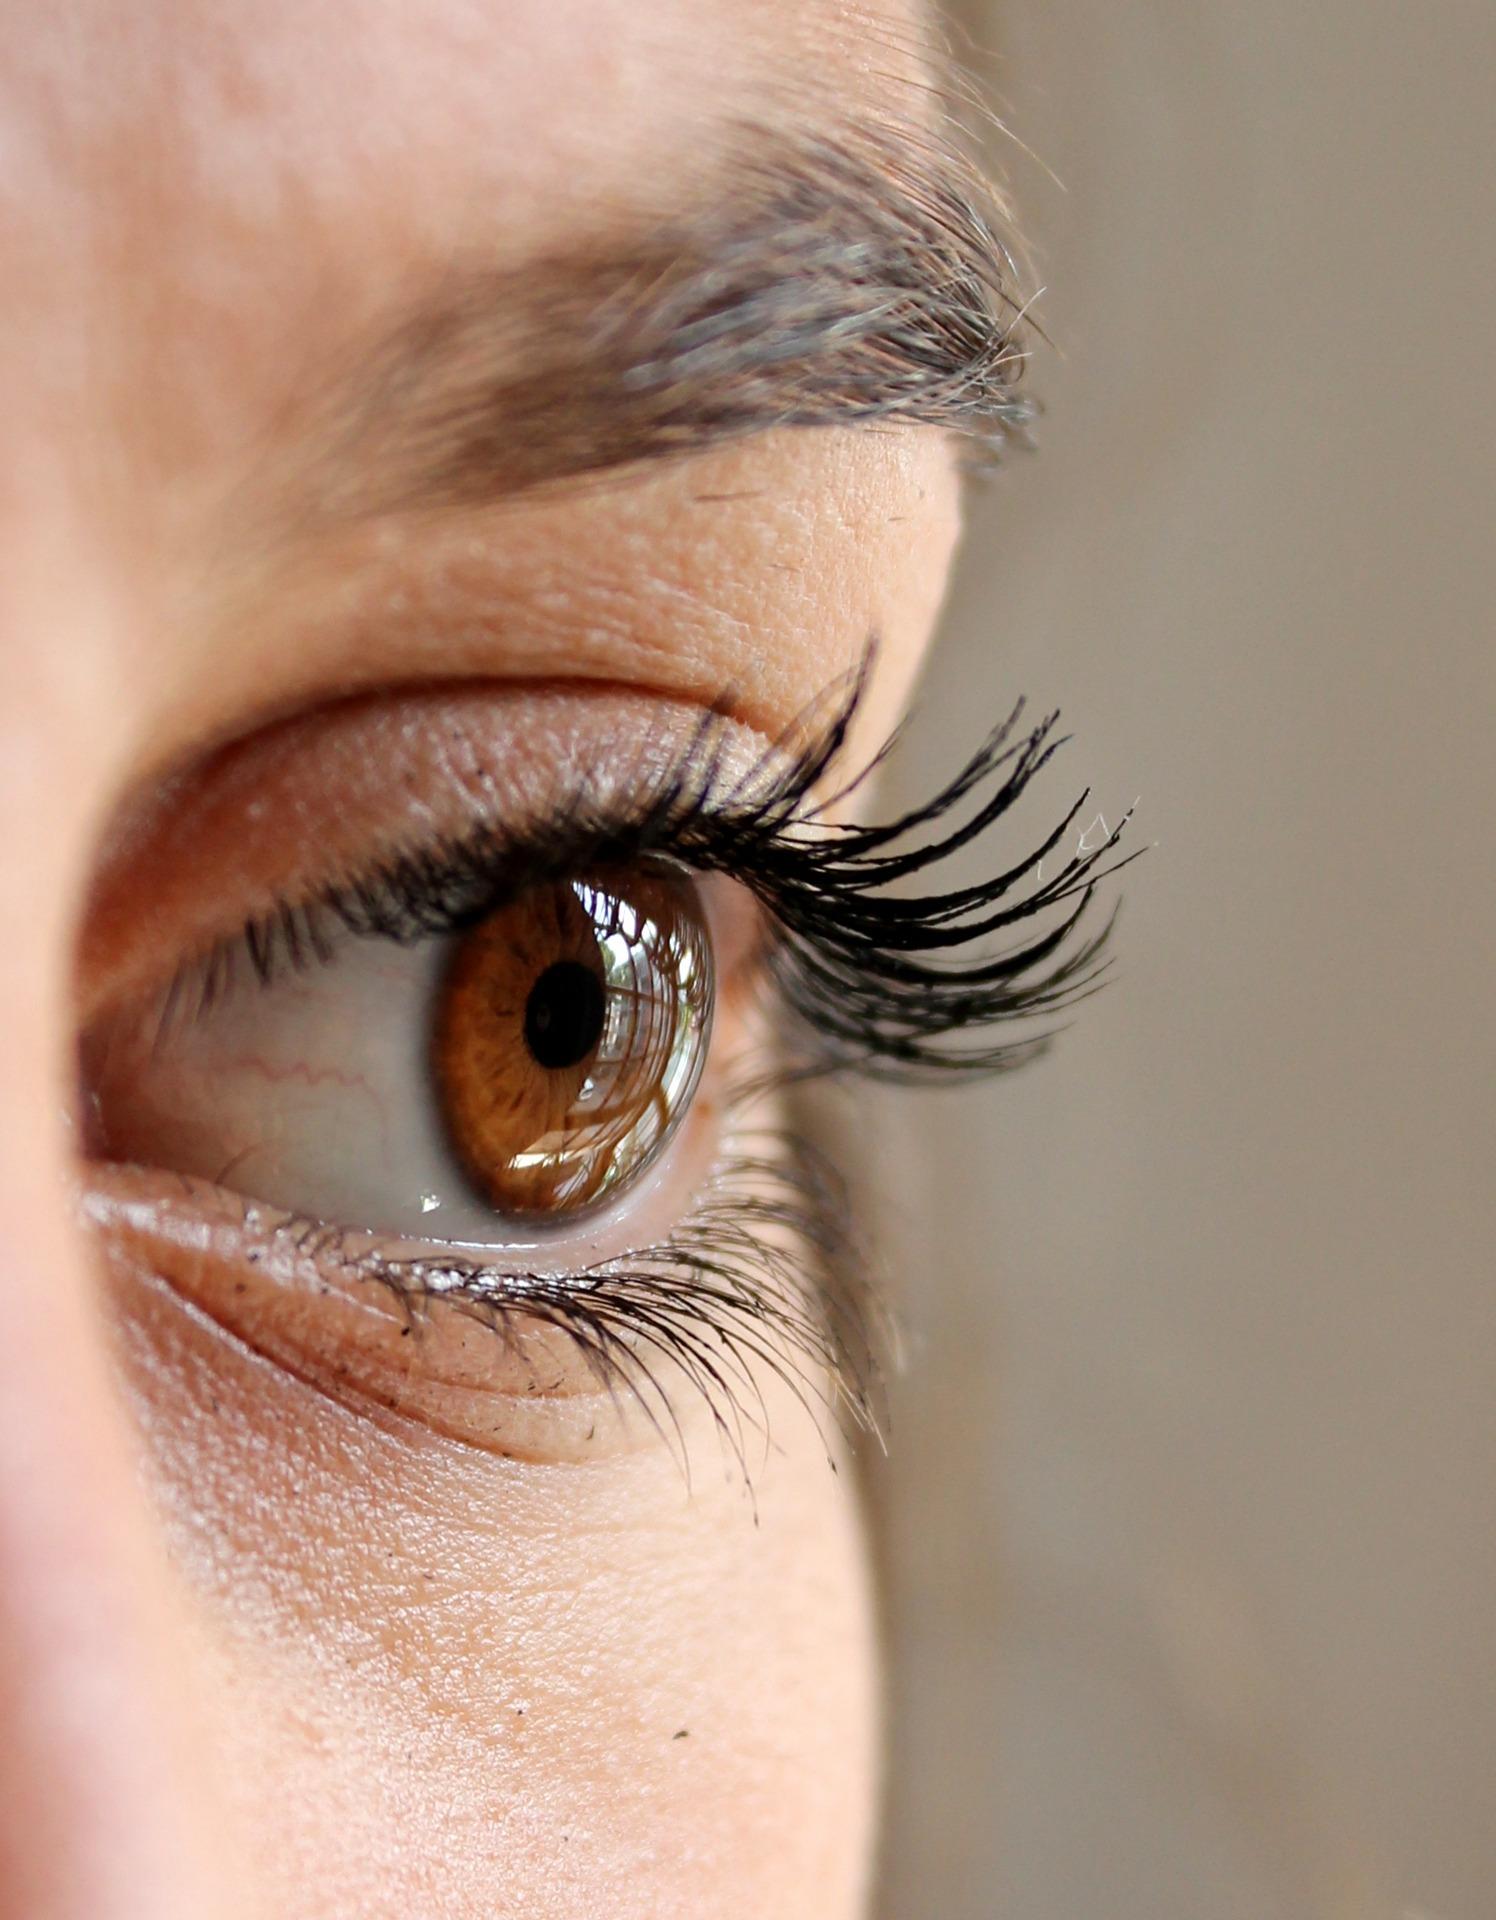 eye-211610_1920.jpg